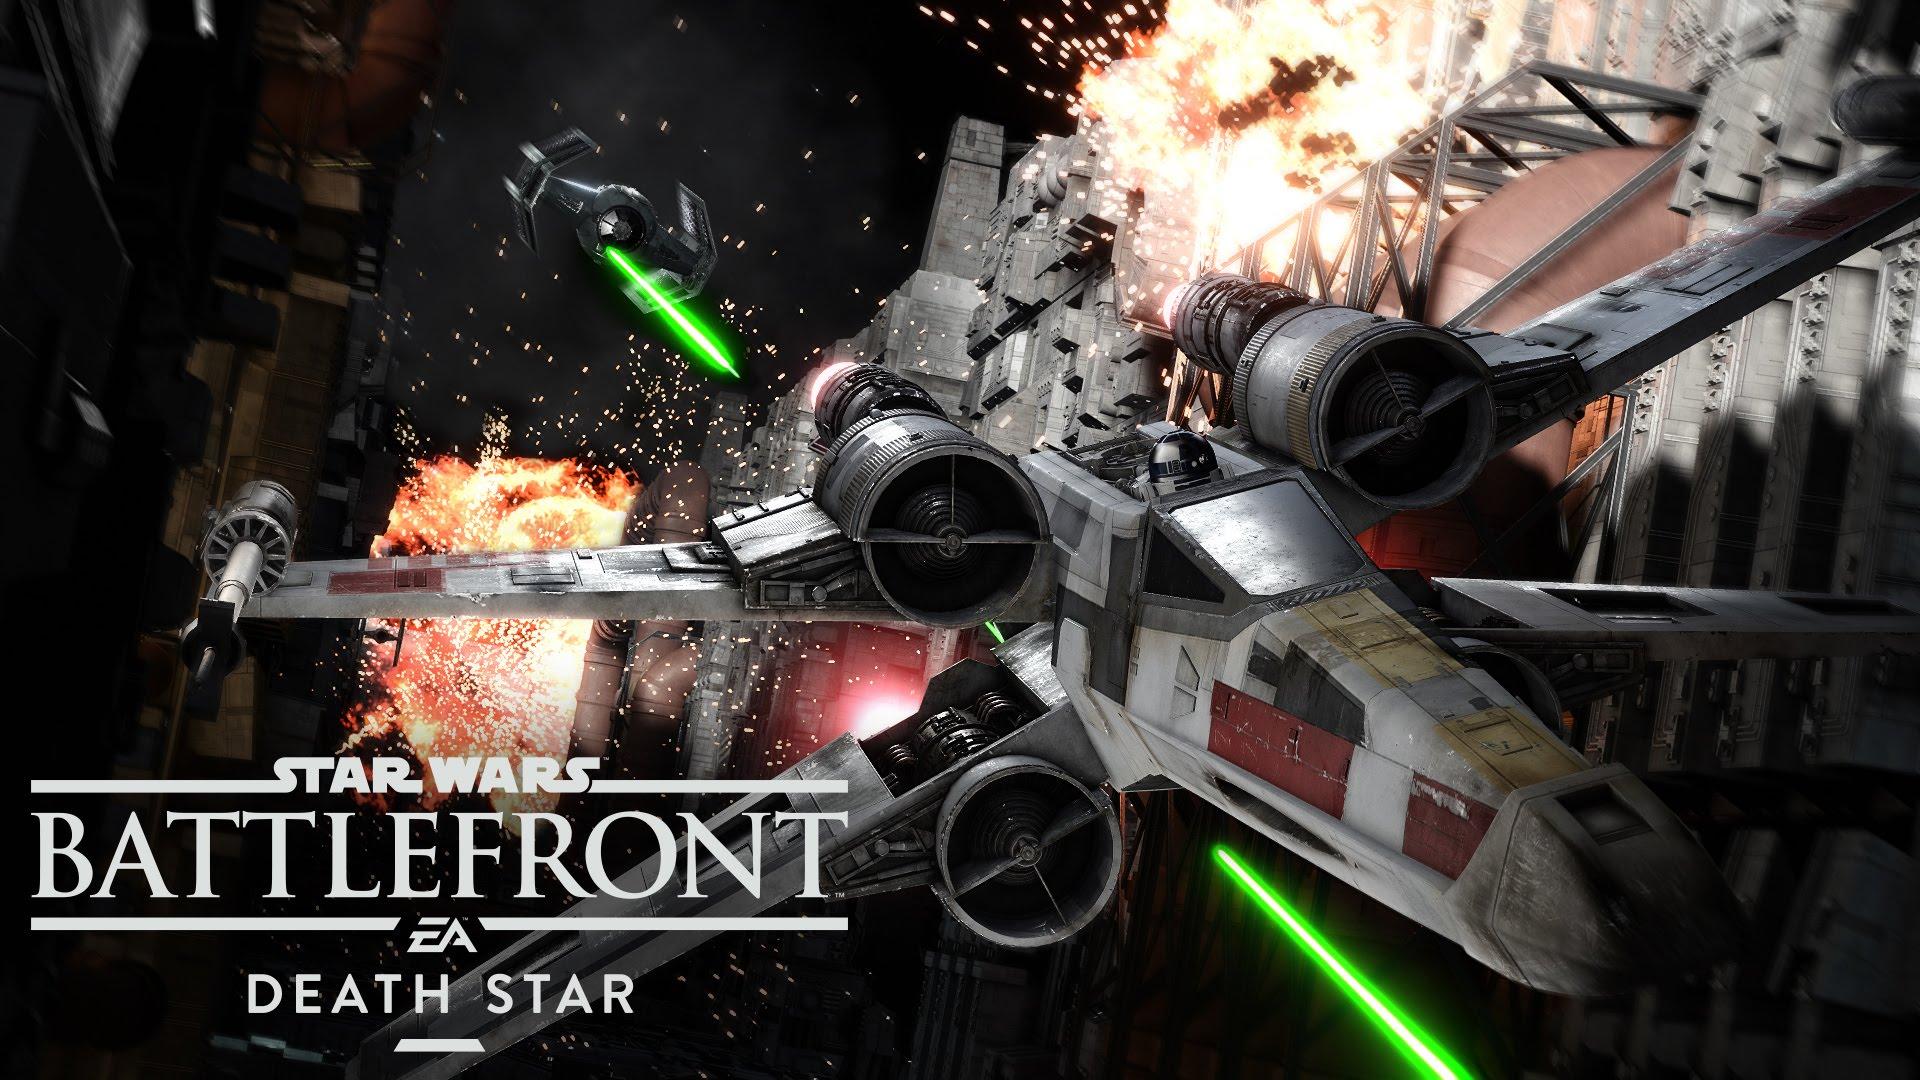 Star Wars Battlefront Death Star Expansion Pack Trailer Released Diskingdom Com Disney Marvel Star Wars Merchandise News